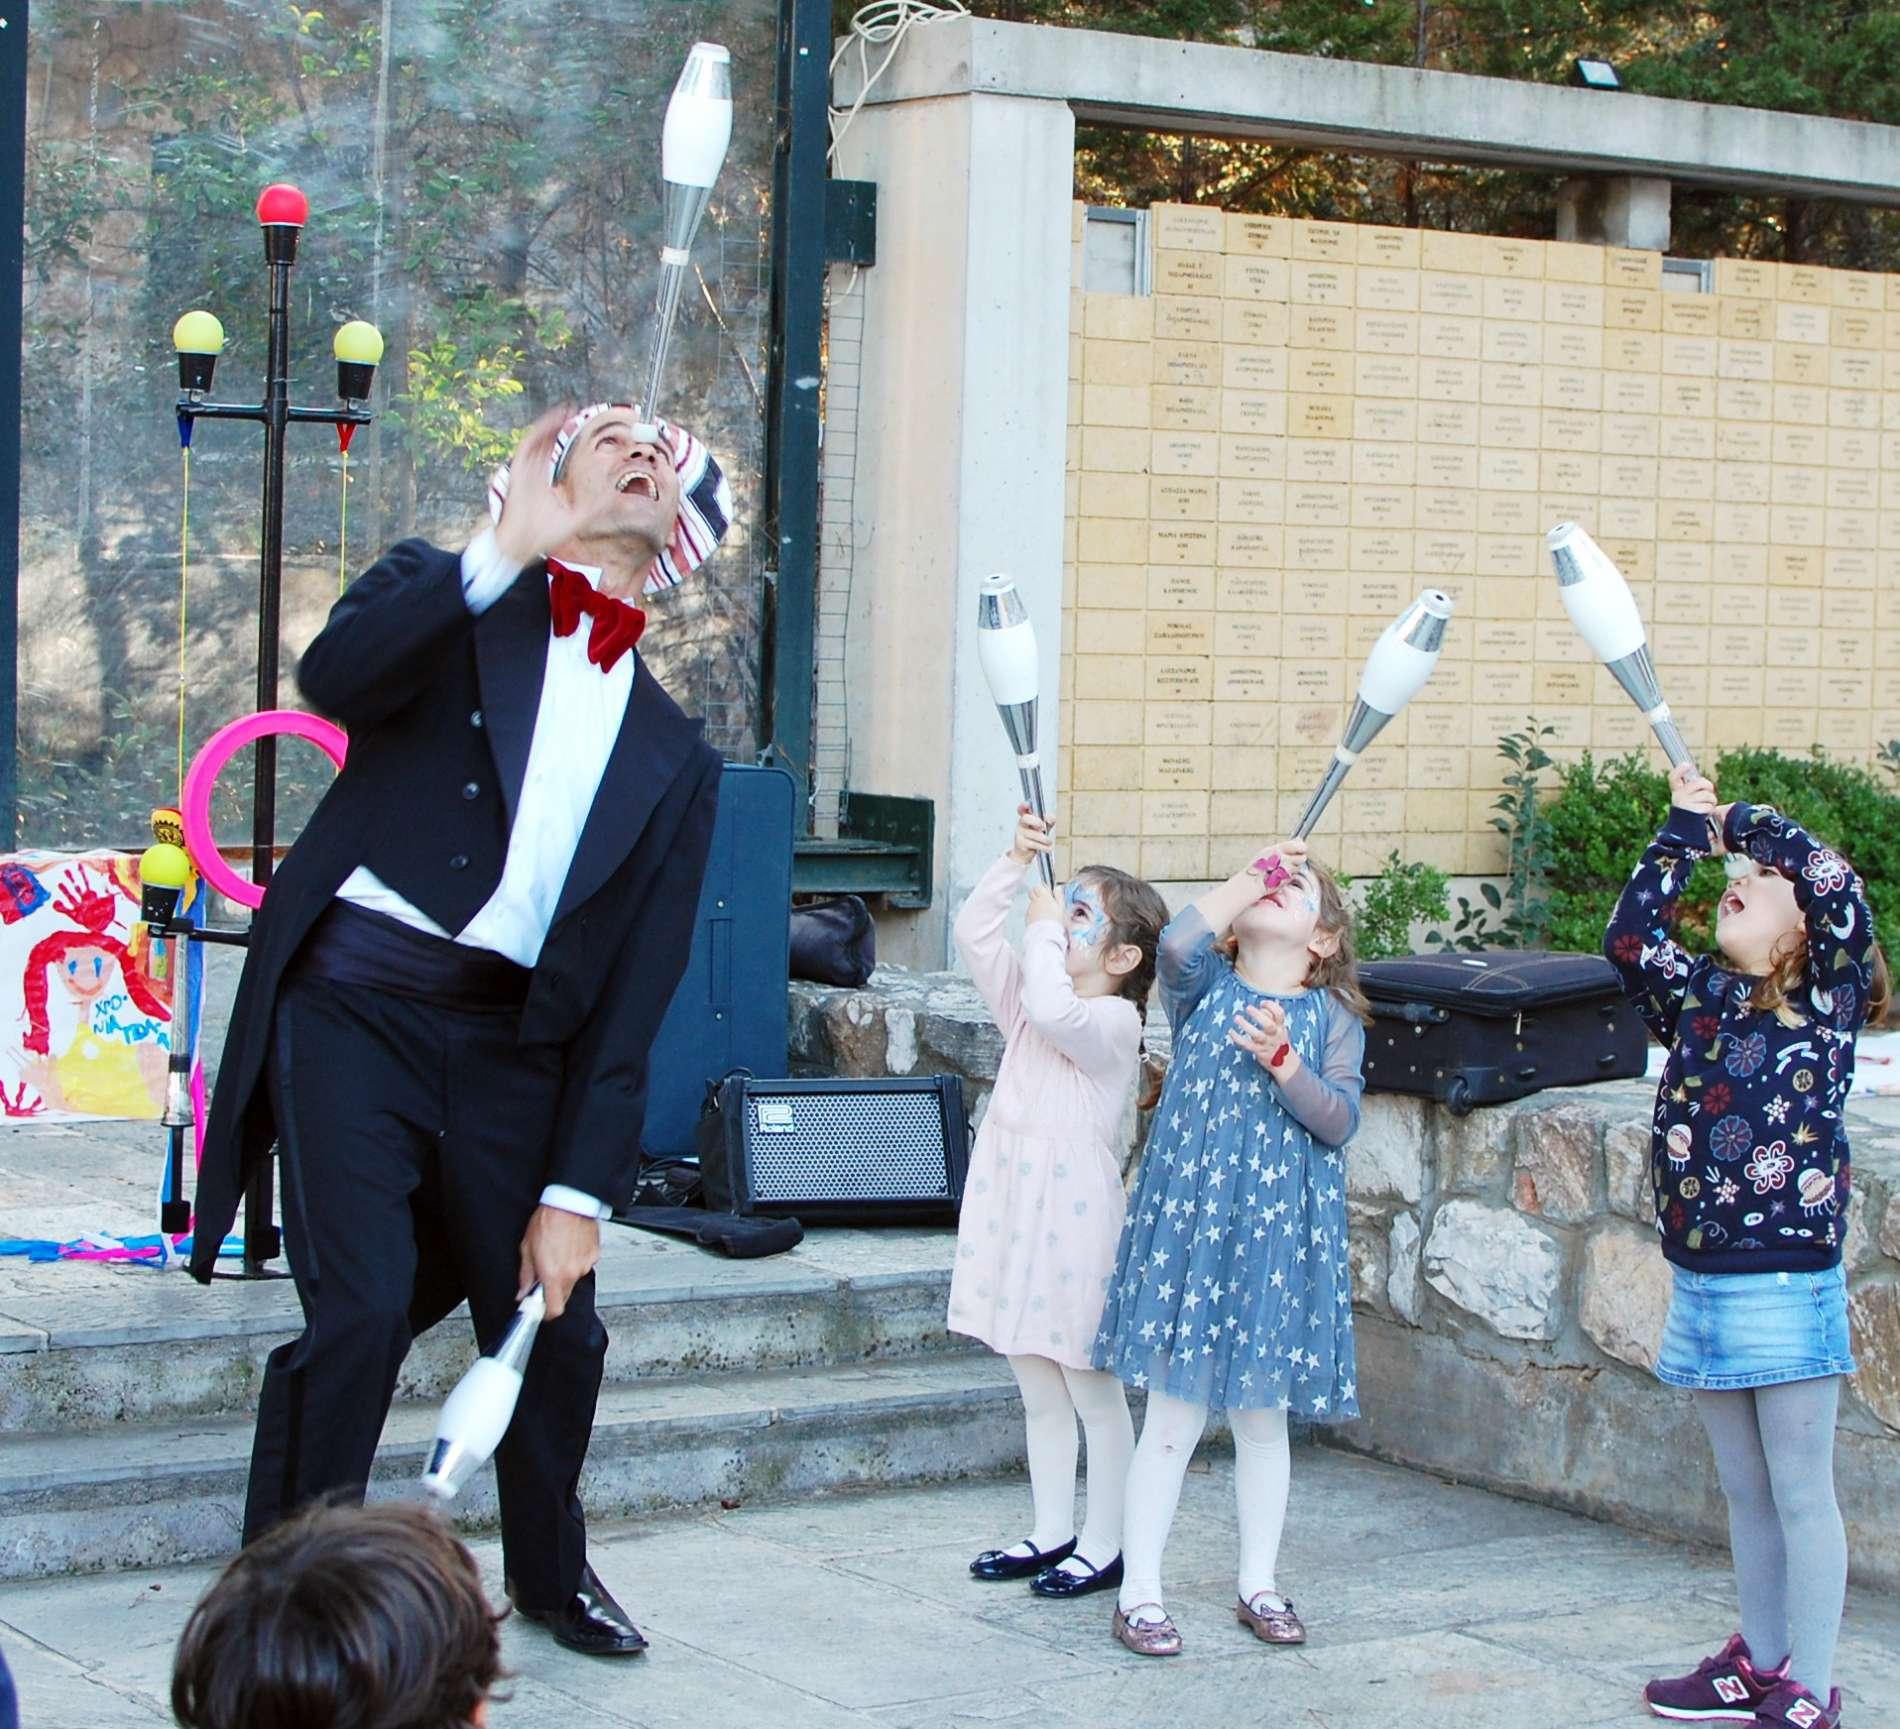 Ζογκλέρ και παιδιά σε παιδικό πάρτι ισορροπούν κορύνες στη μύτη τους στη διάρκεια ενός fundastick circus party